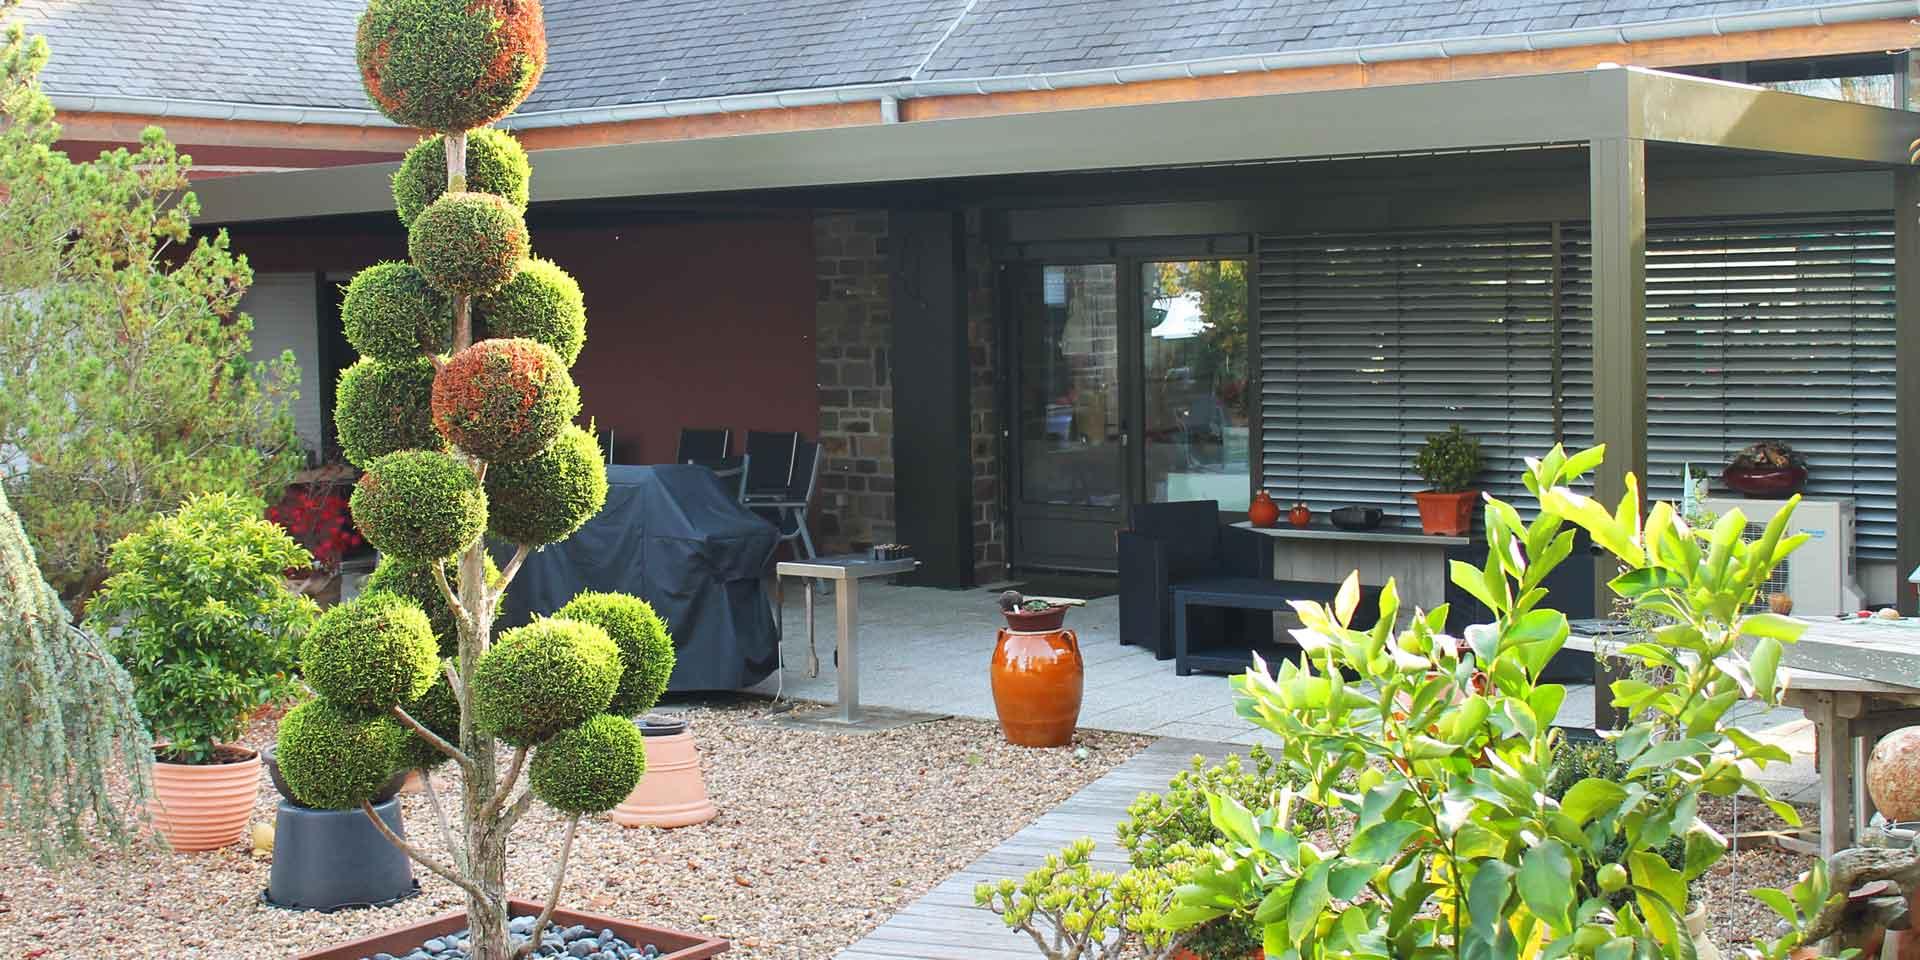 Rotes Einfamilienhaus mit Nahaufnahme der Rückseite des Hauses mit Blick auf ein graues Quadrato mit gekoppelter Aluminium Coplaning geschlossener Terassenüberdachung mit Lamellendach.